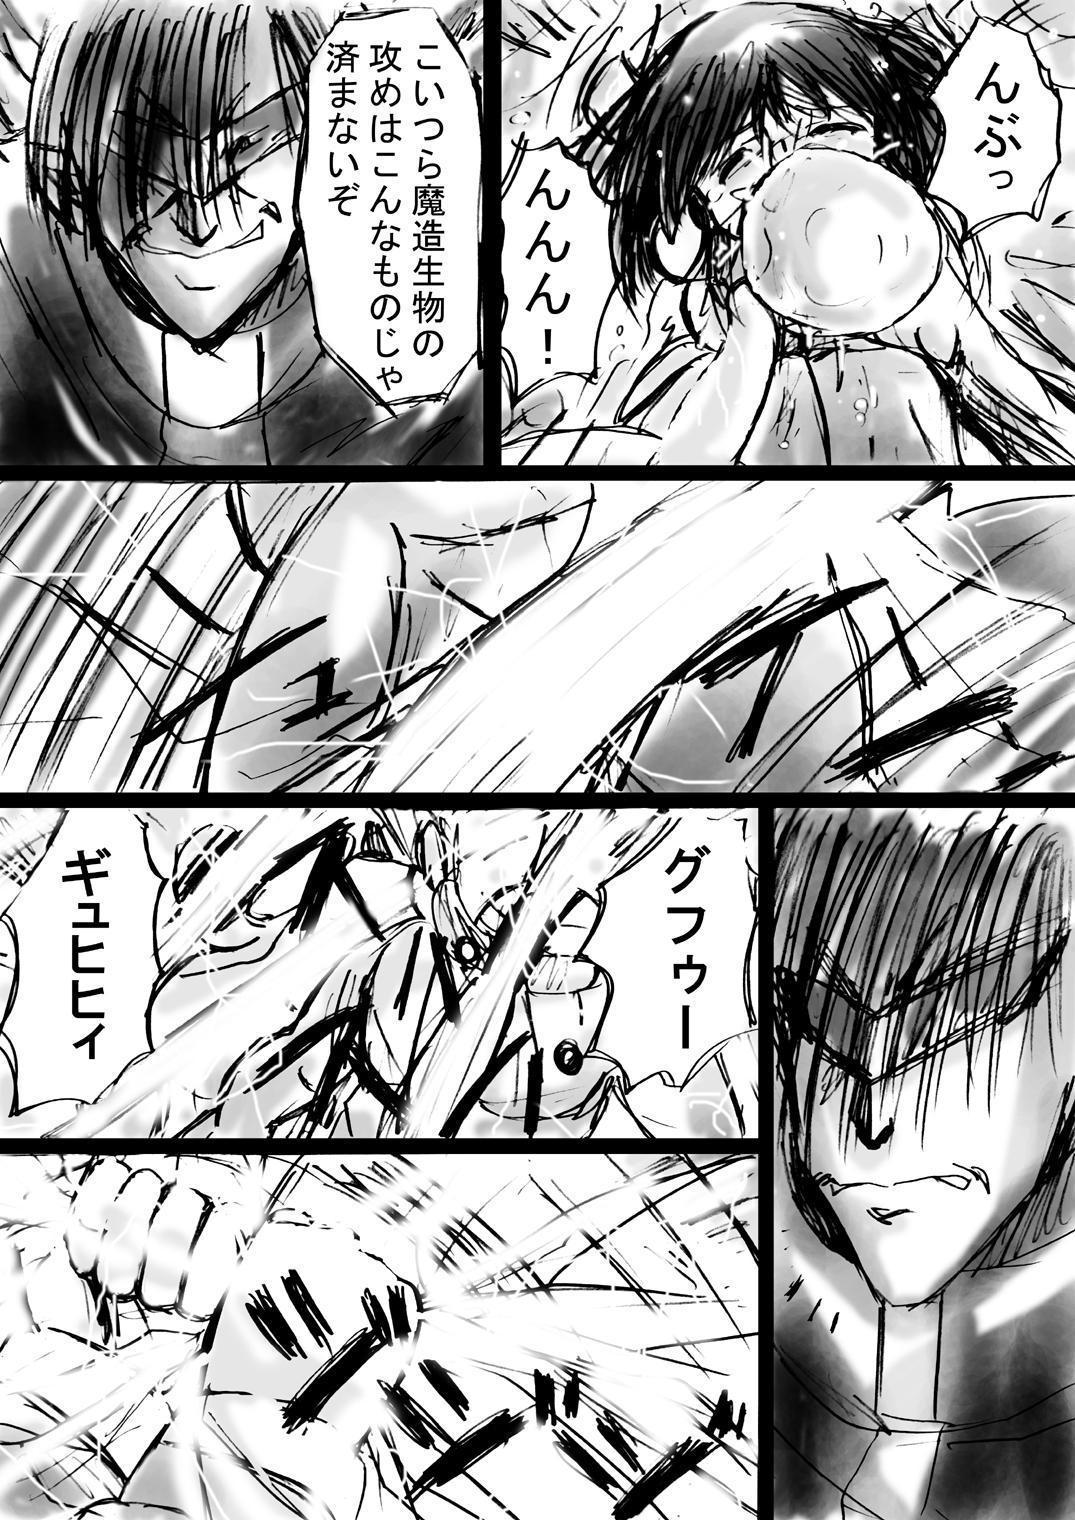 [Dende] Fushigi Sekai -Mystery World- Nonoha 5 ~Jokuma no Kyouniku no Tainai Shinshoku~ 43